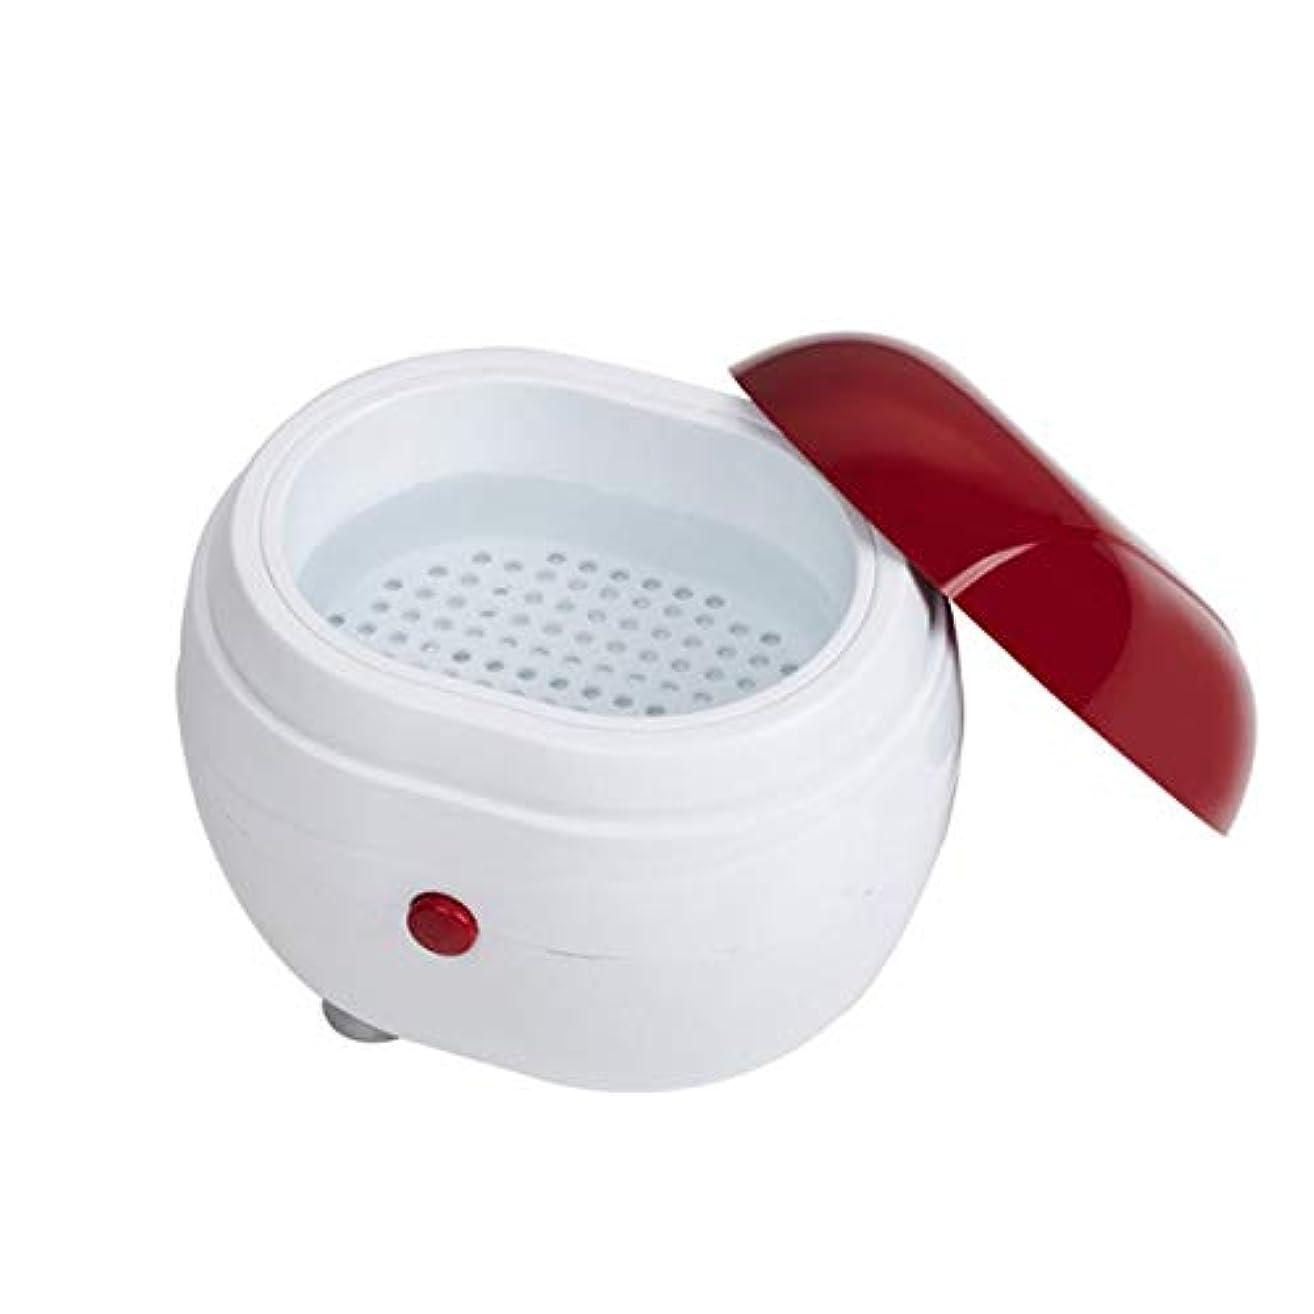 ずっと弱まる体ポータブル超音波洗濯機家庭用ジュエリーレンズ時計入れ歯クリーニング機洗濯機クリーナークリーニングボックス - 赤&白